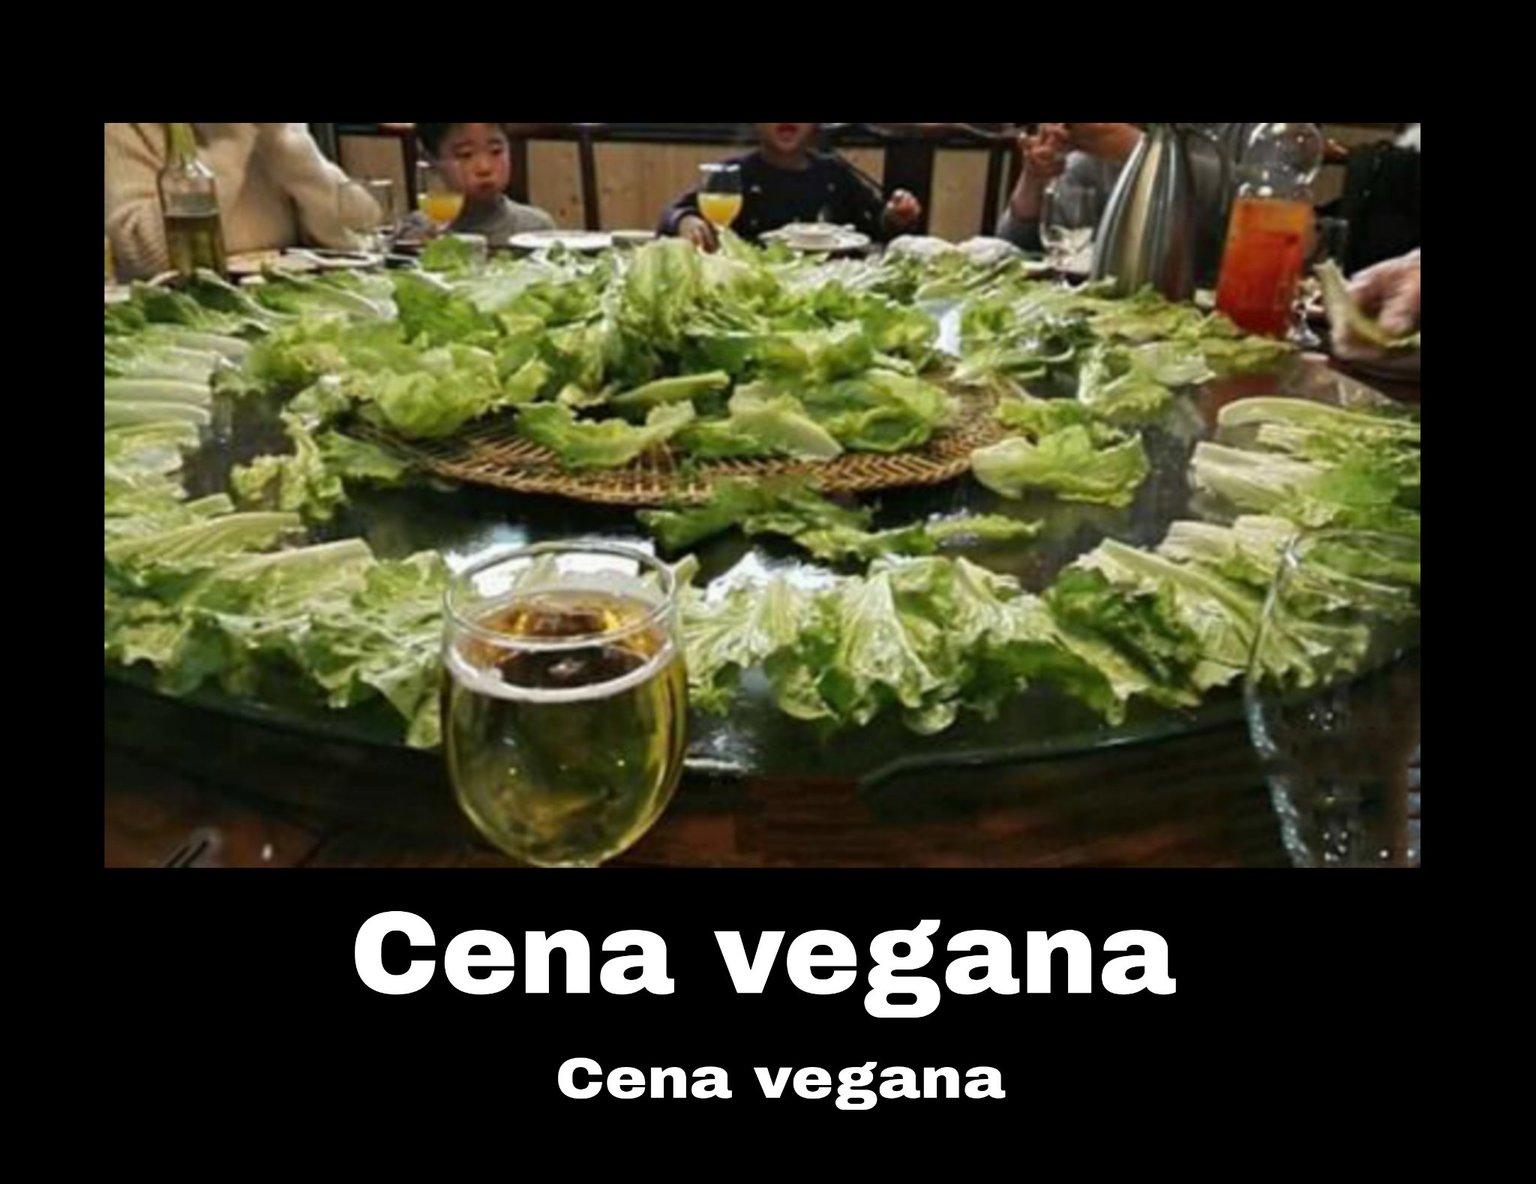 Cena vegana - meme